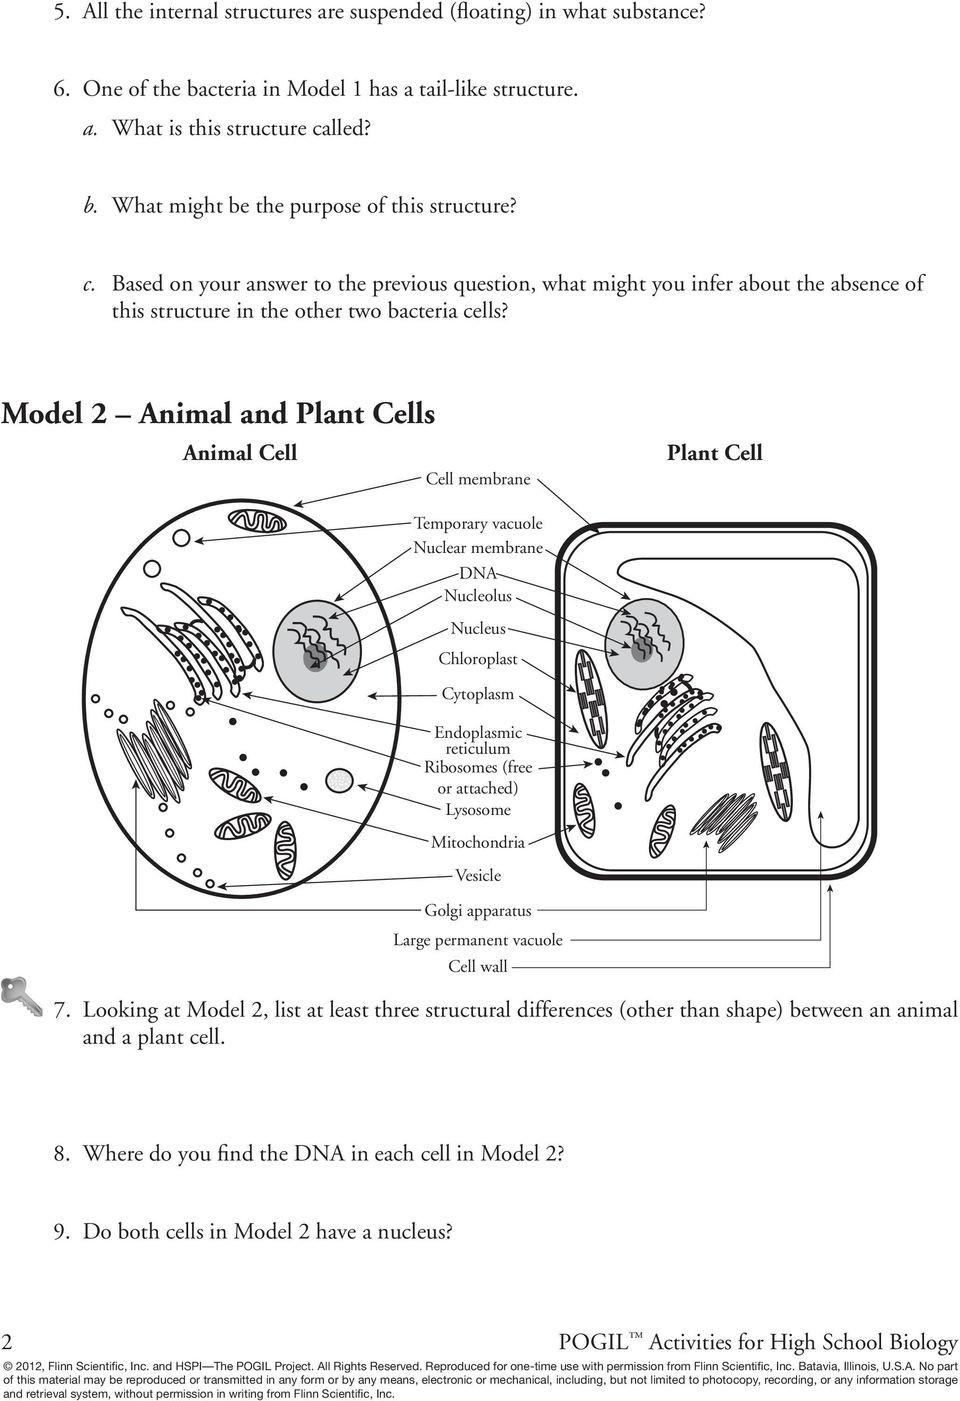 Prokaryote Vs Eukaryote Worksheet Cell Biology Prokaryotes and Eukaryotes Worksheet Answers